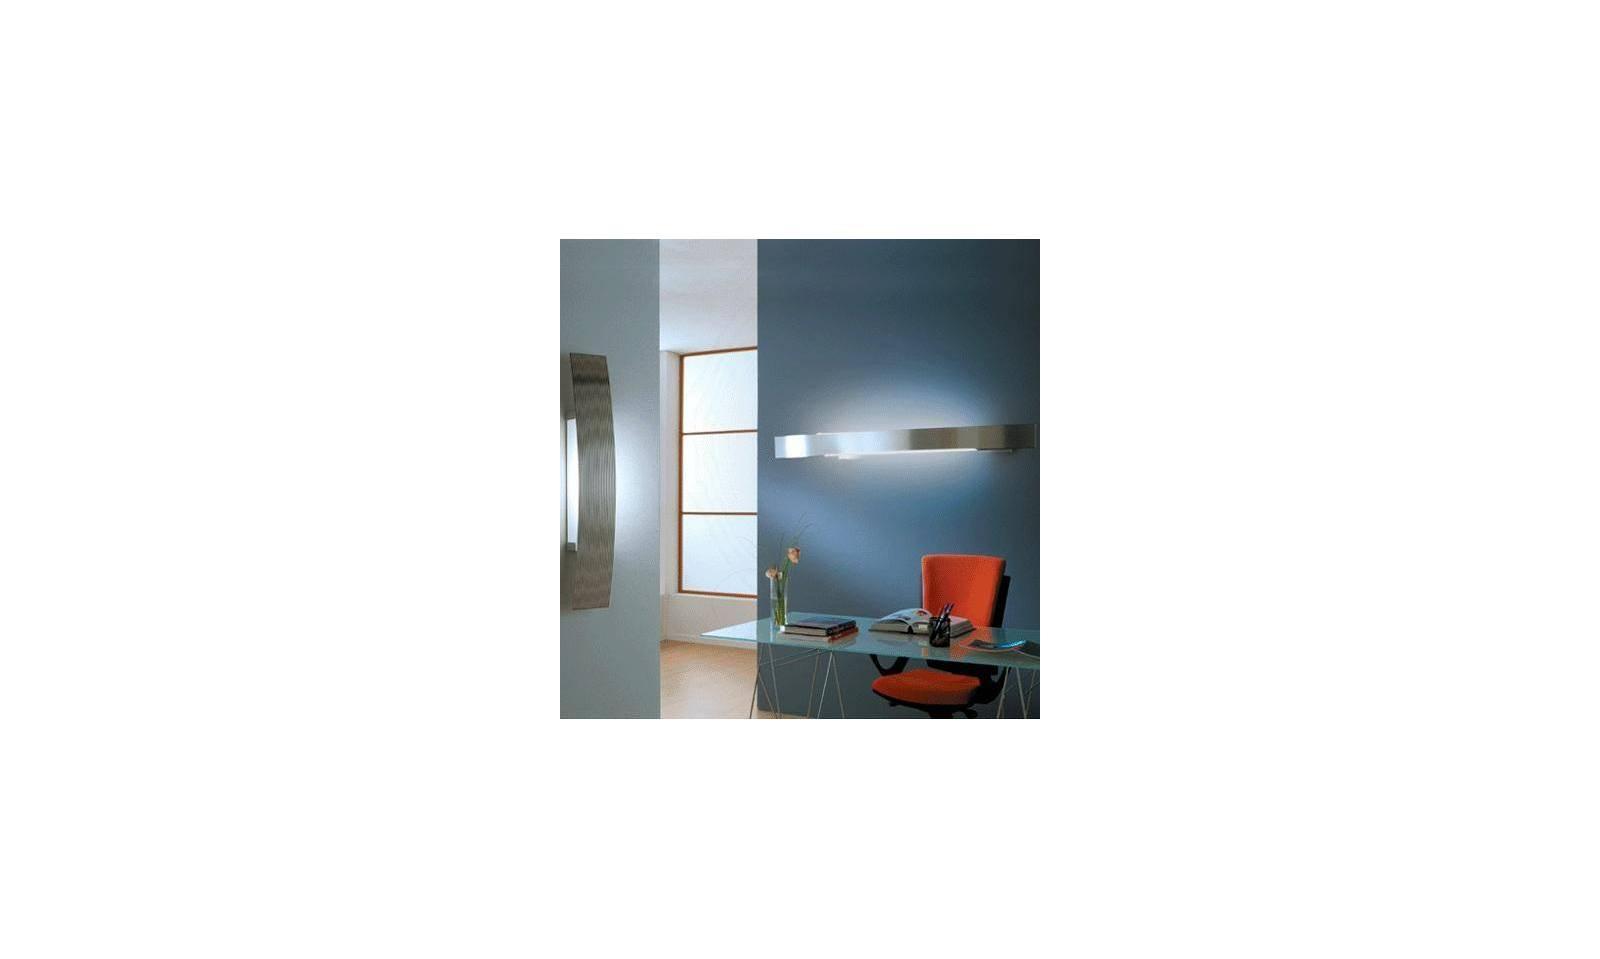 Plafoniere Rustiche A Parete : Selene illuminazione lampada da parete serie bridge led in acciaio